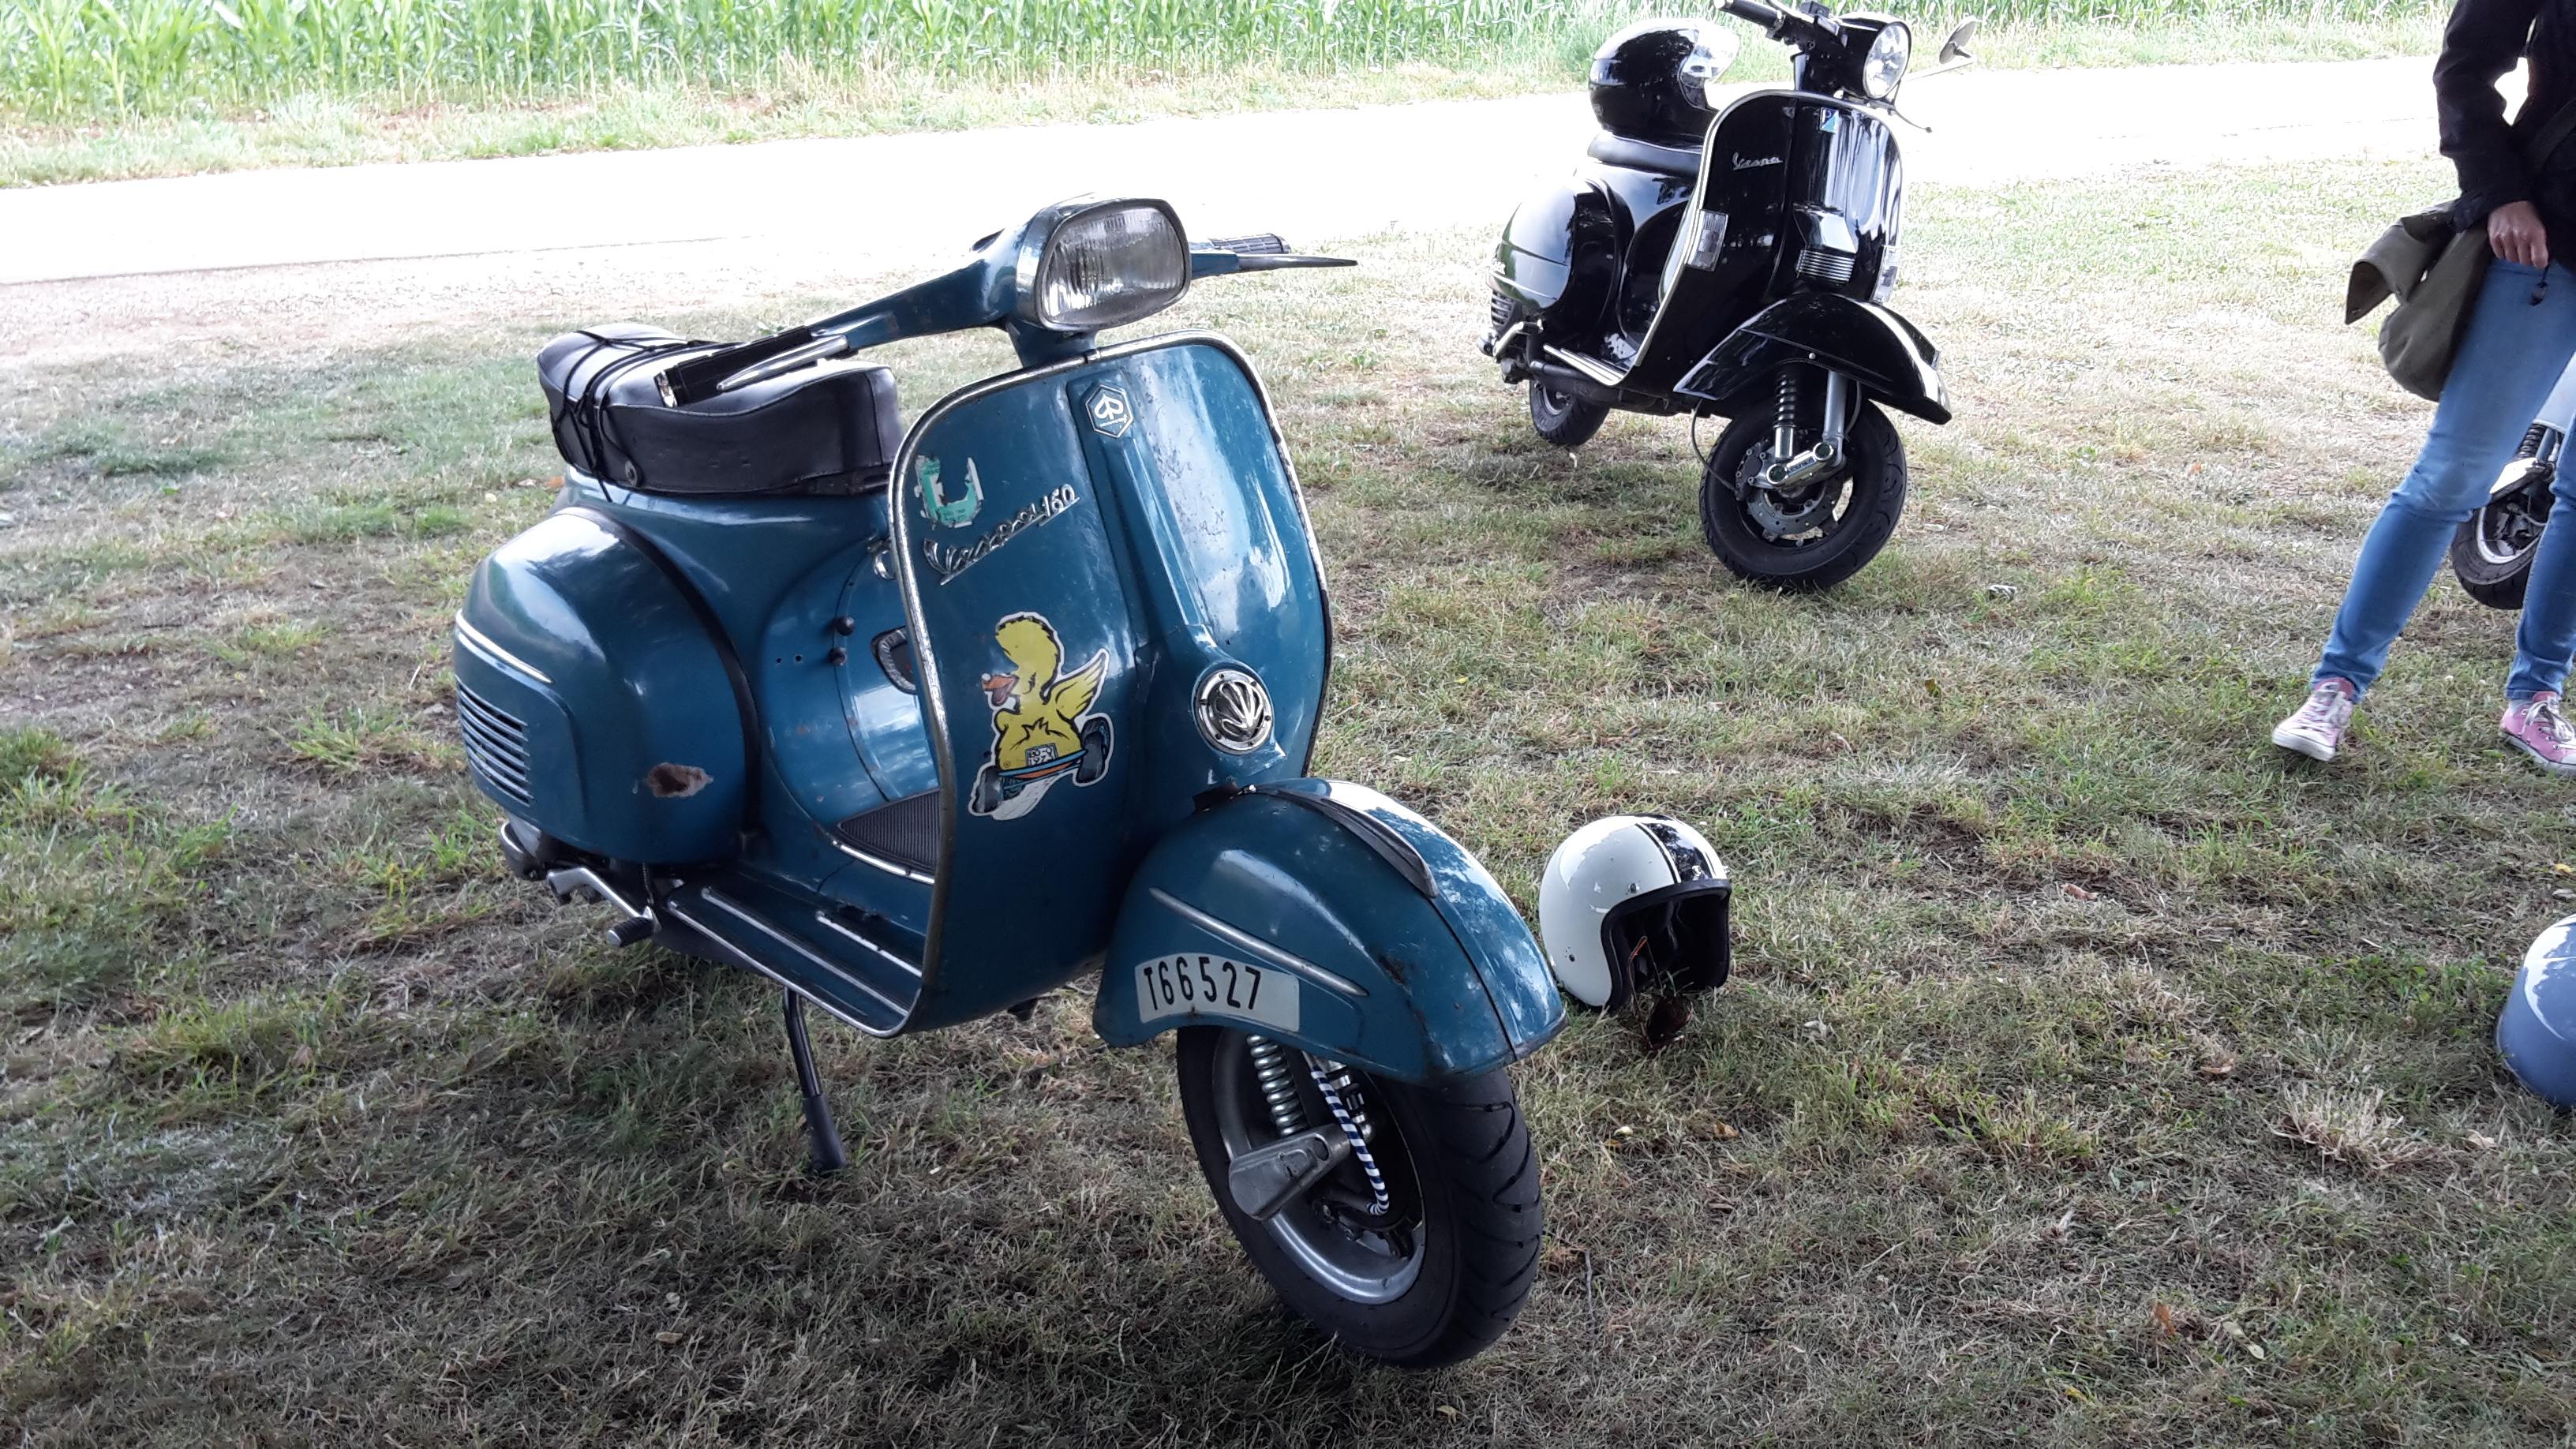 Suche Motovespa 160 Suche Roller Gsf Das Vespa